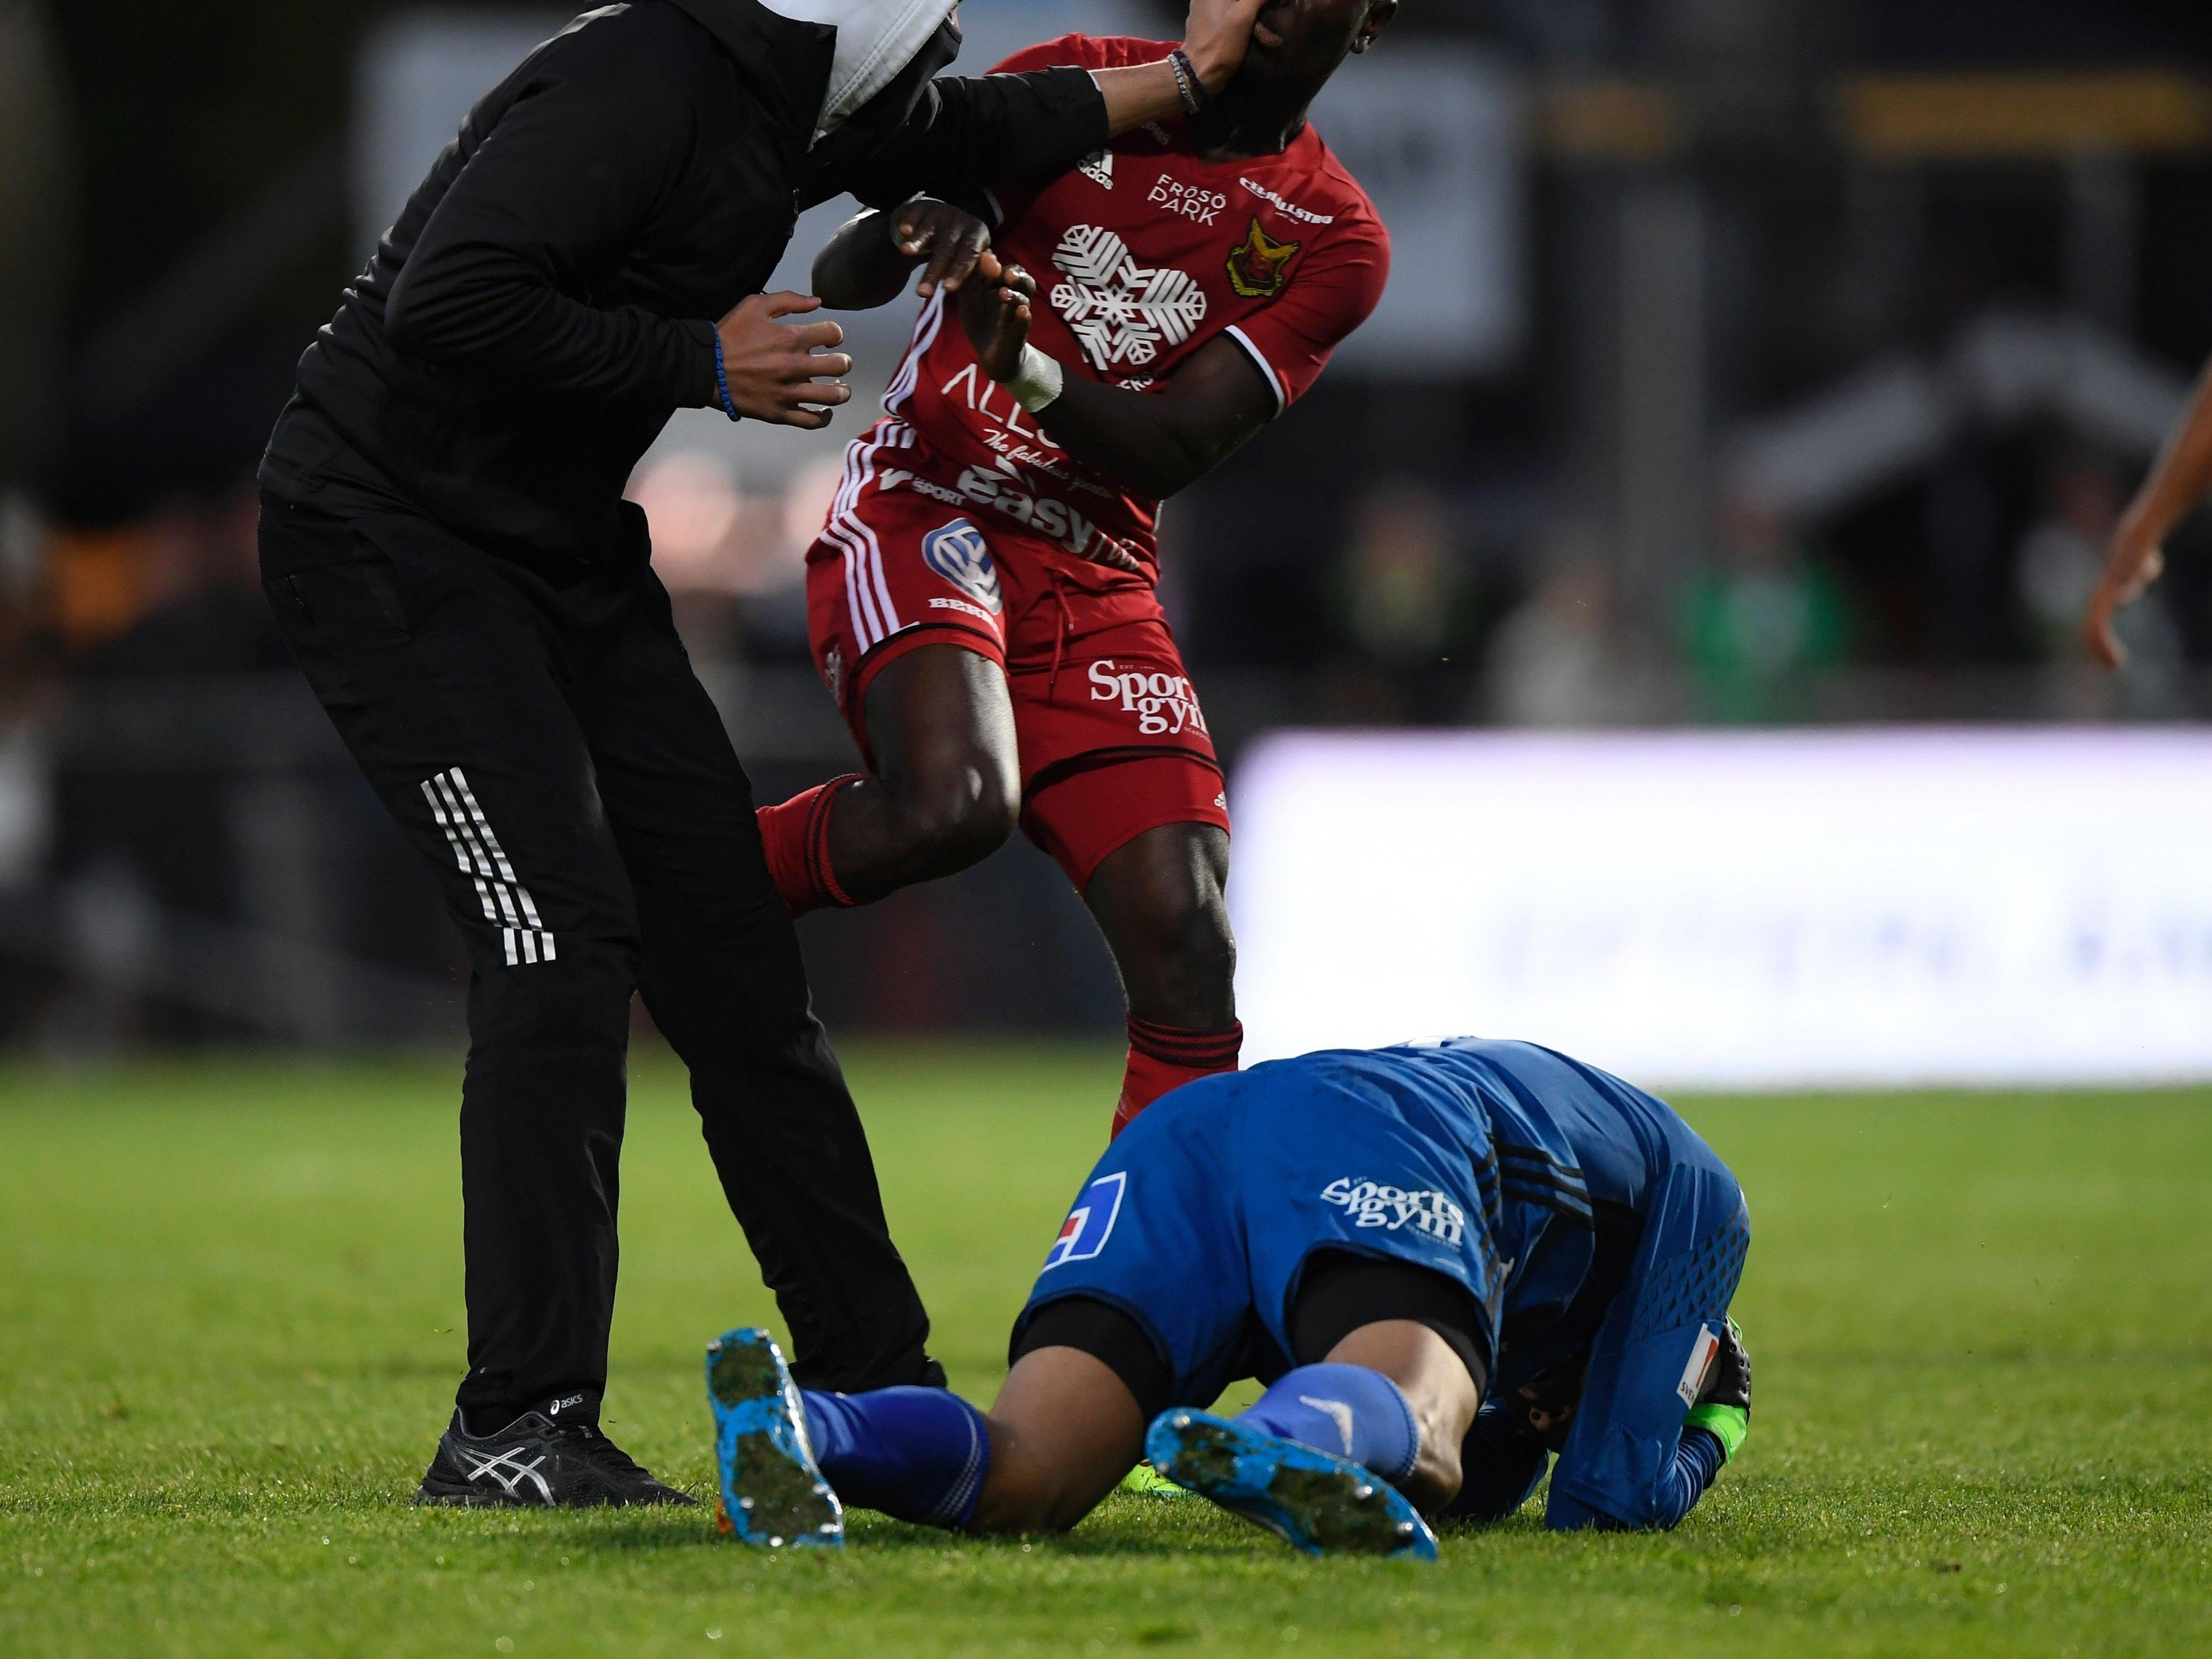 Der Hooligan verpasste Torwart Aly Keita einen Faustschlag.